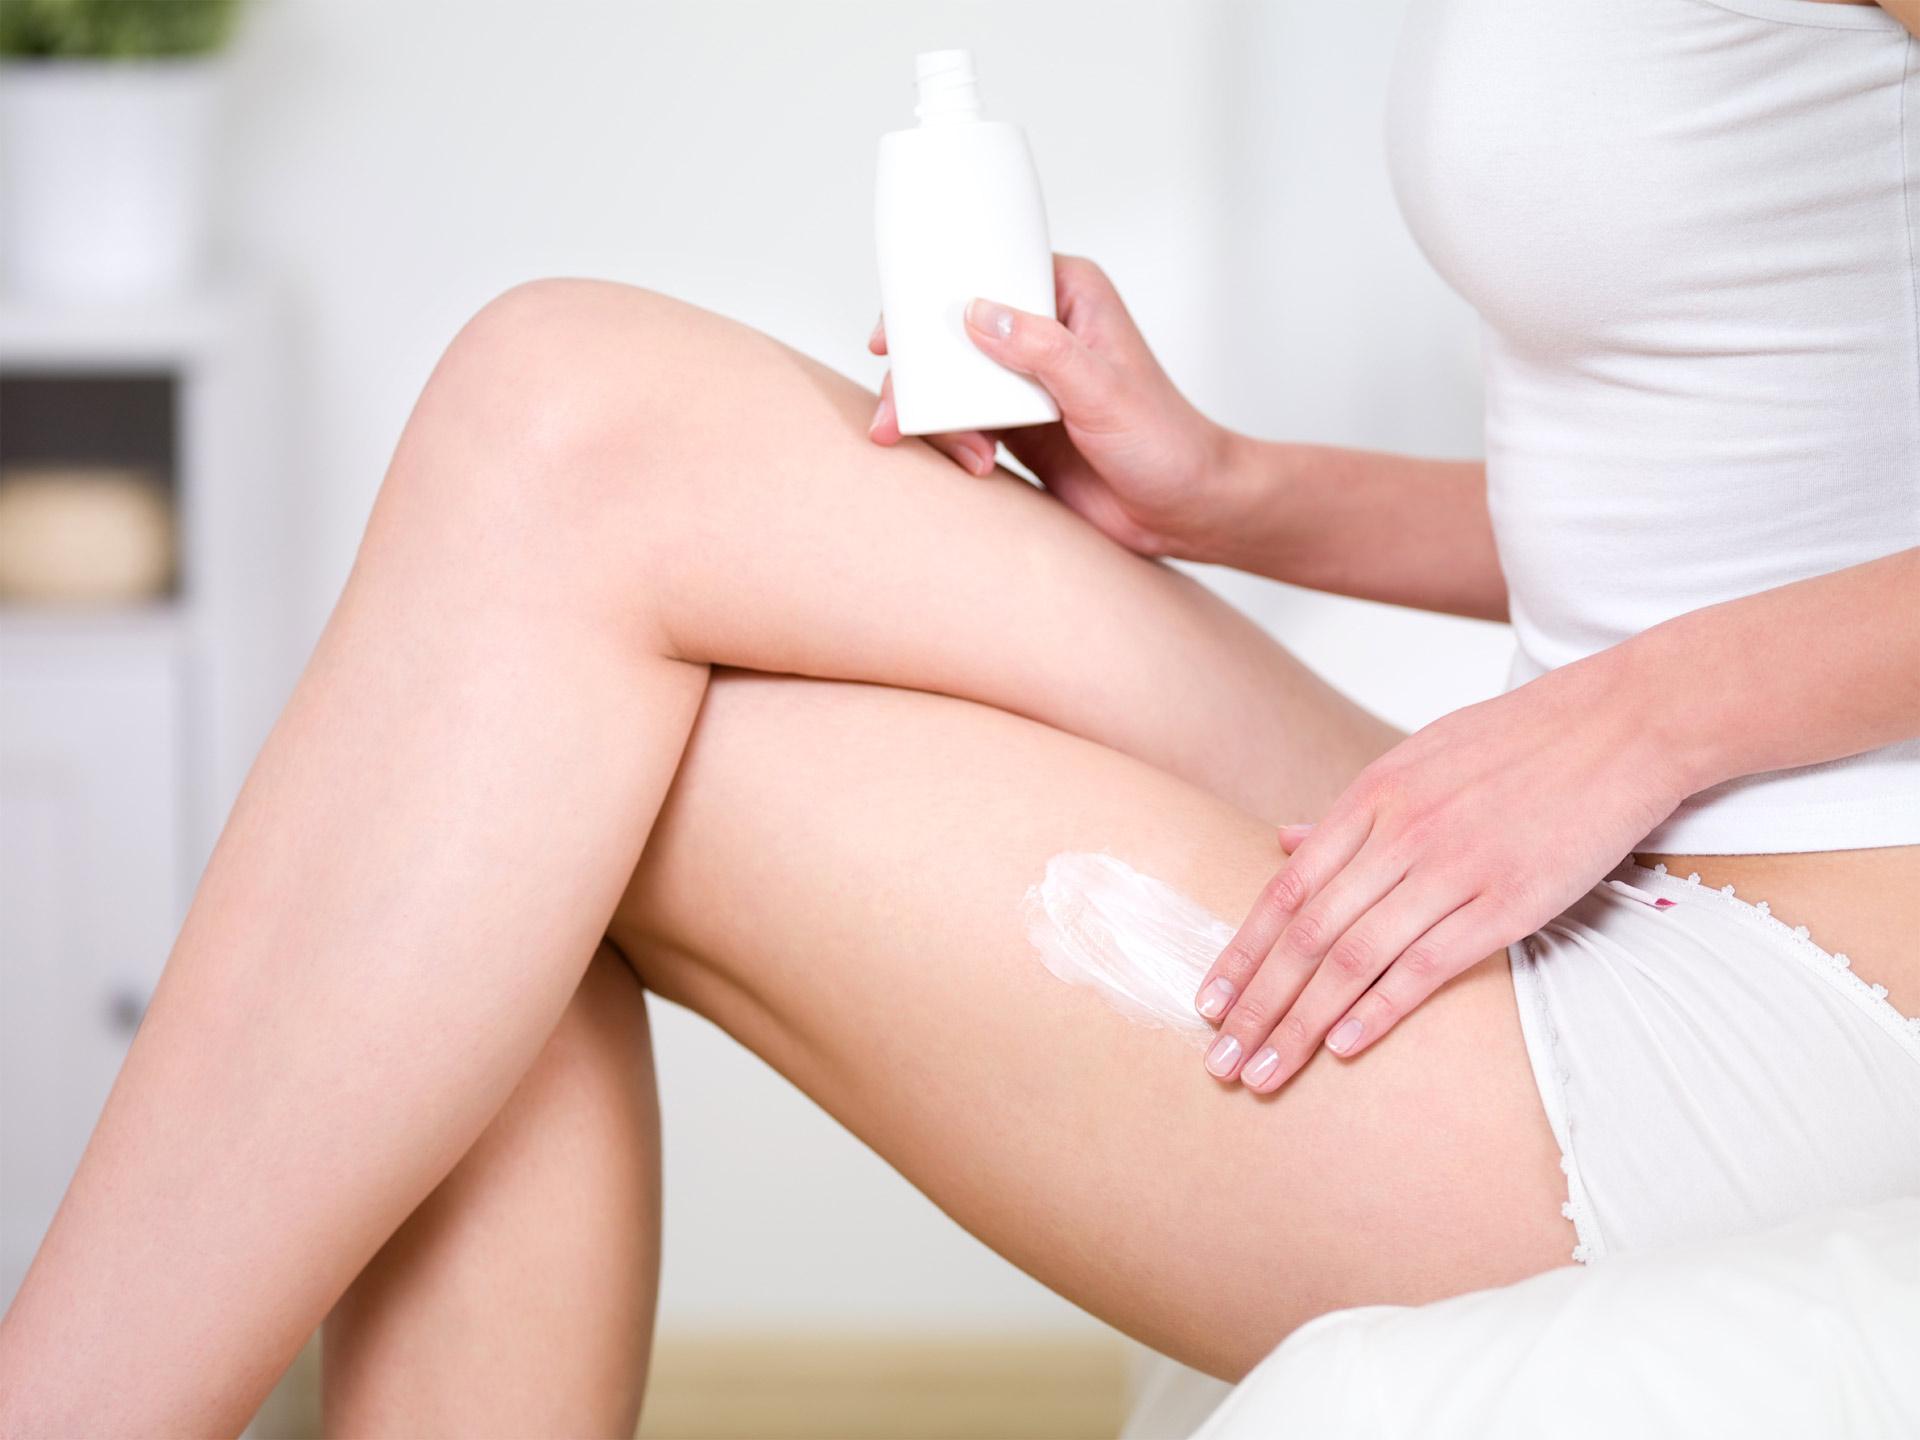 La piel se puede ver afectada por distintos factores, por esta razón es recomendable utilizar cremas y tener una nutrición balanceada para evitarlo